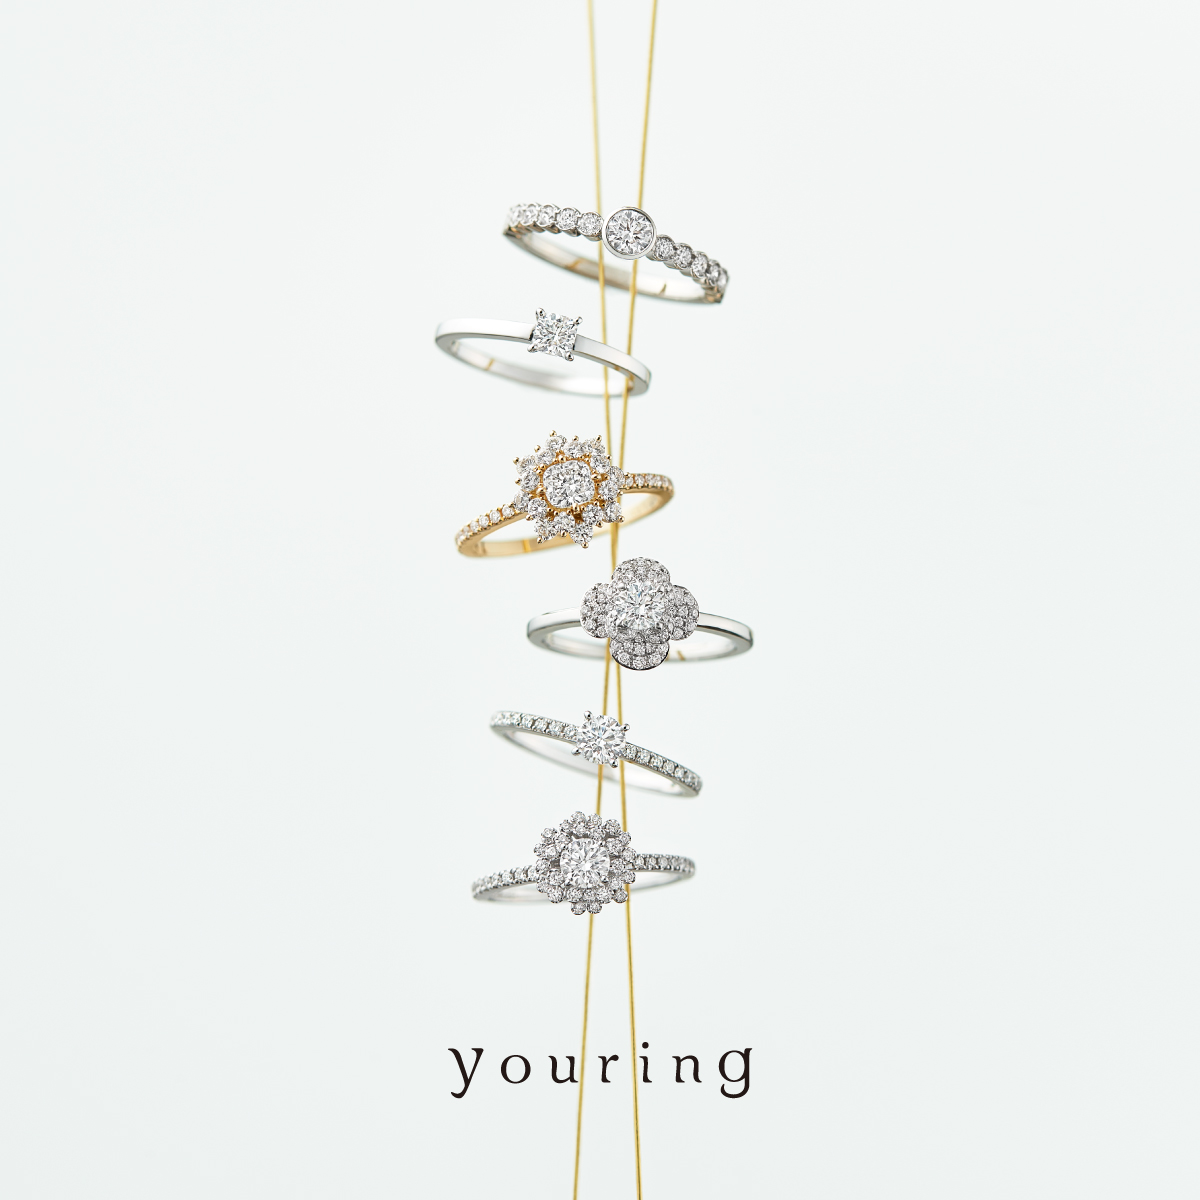 新ジュエリーブランド『youring (ユーリン) 』誕生